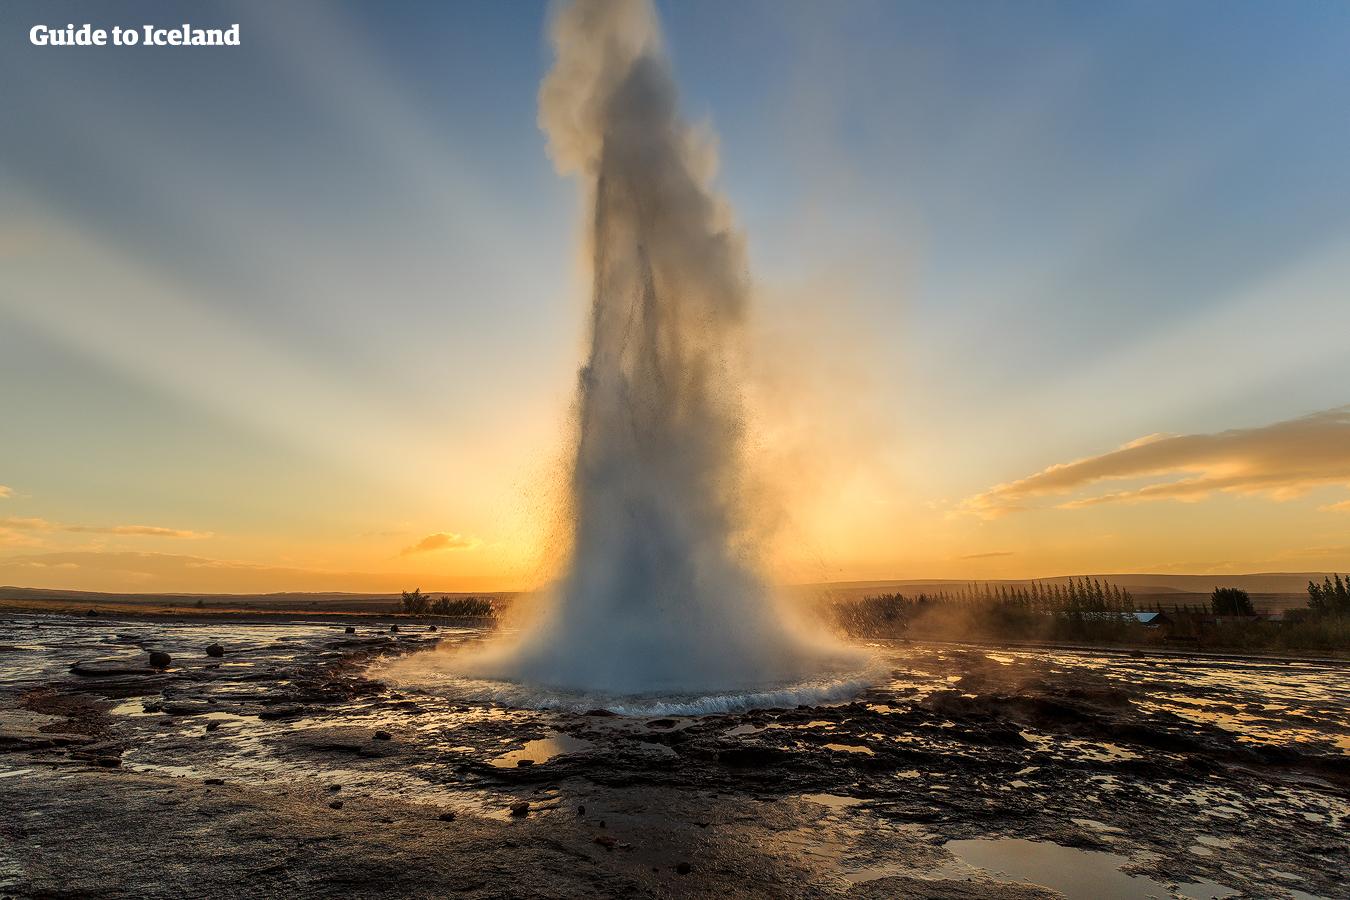 Le geyser Strokkur en activité devant le lever du soleil